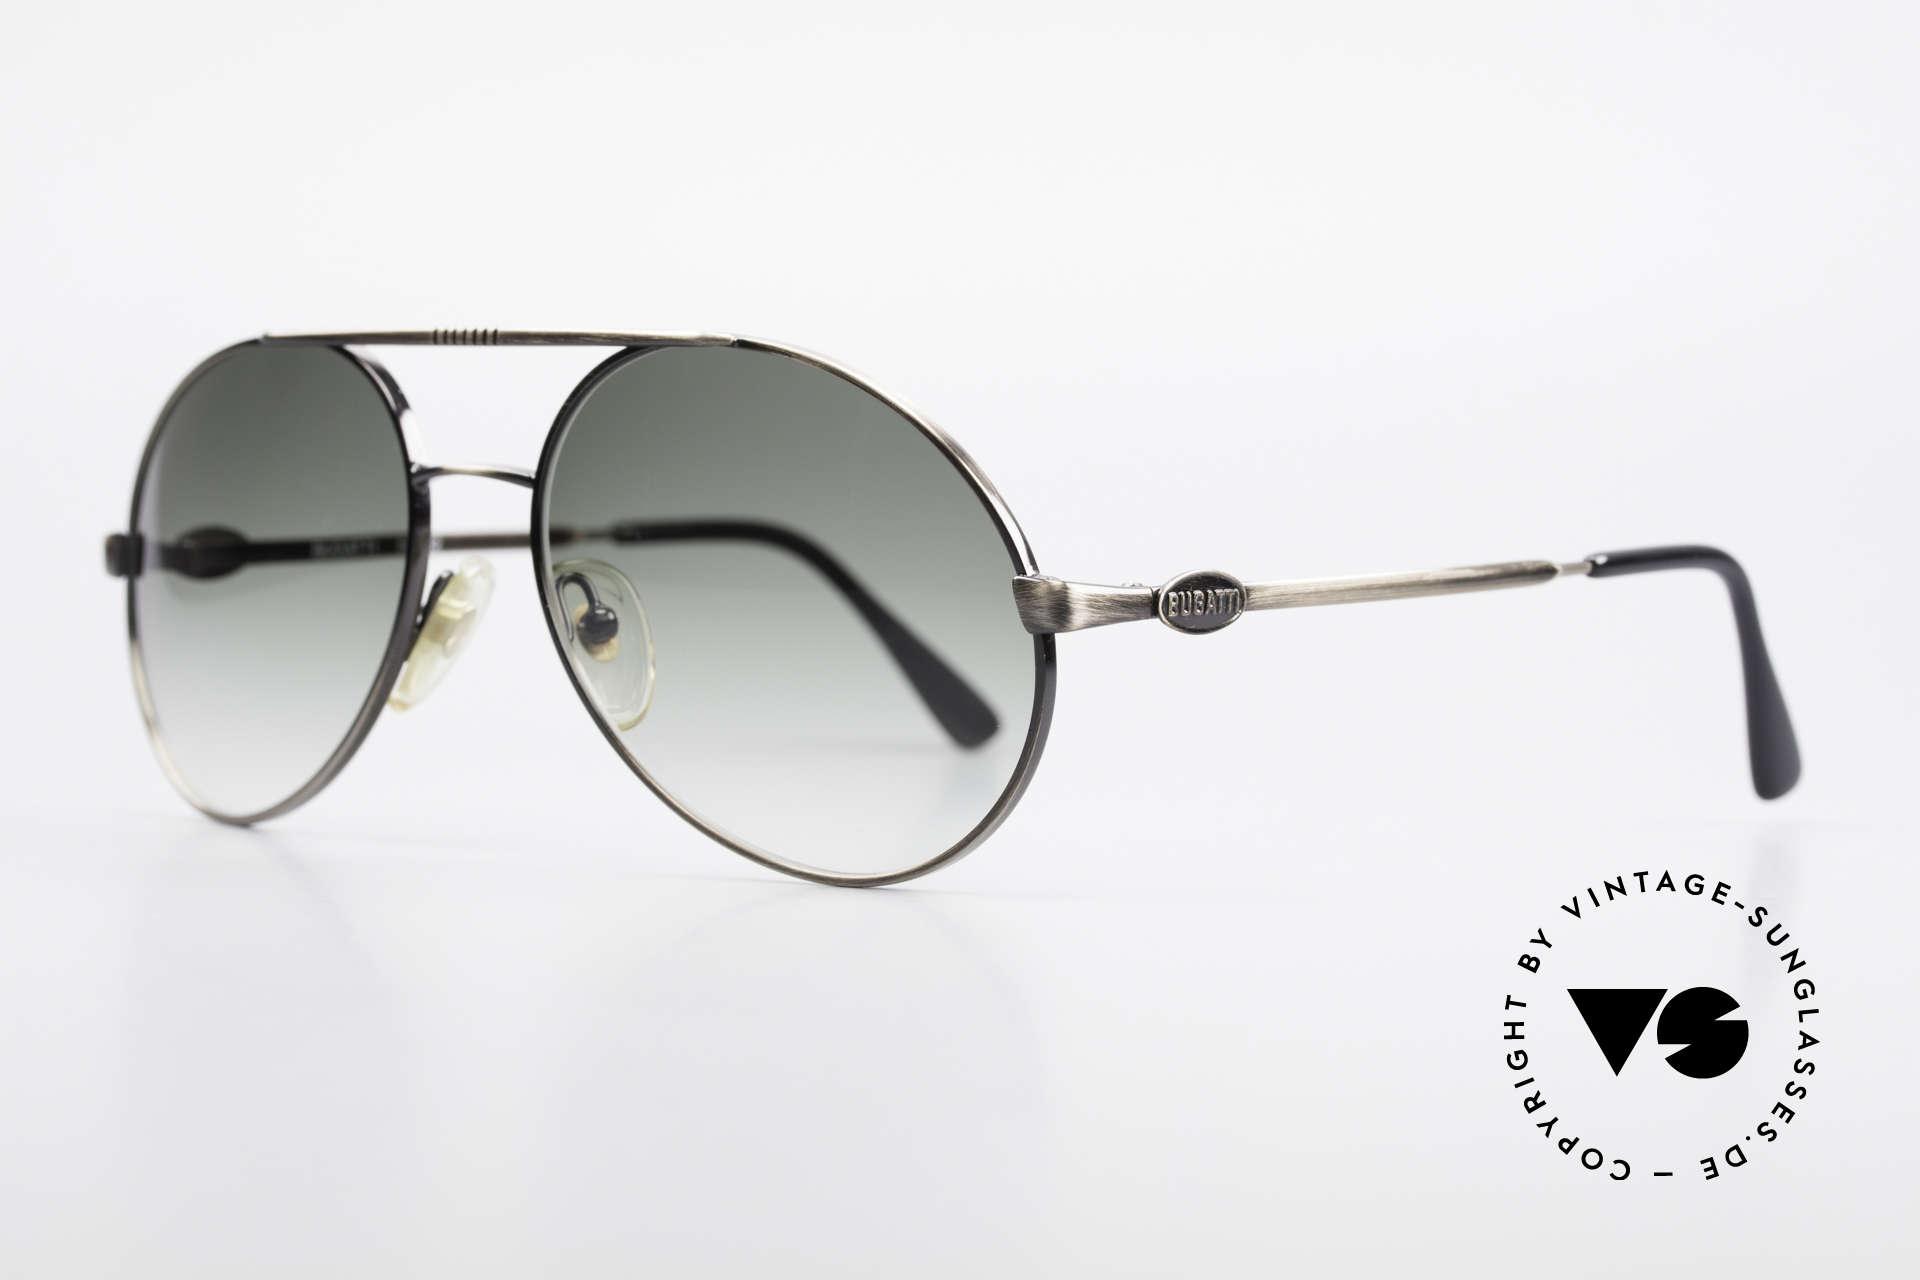 Bugatti 65282 Vintage Herrensonnenbrille, zudem sehr elegante Gläser in einem grünen Verlauf, Passend für Herren